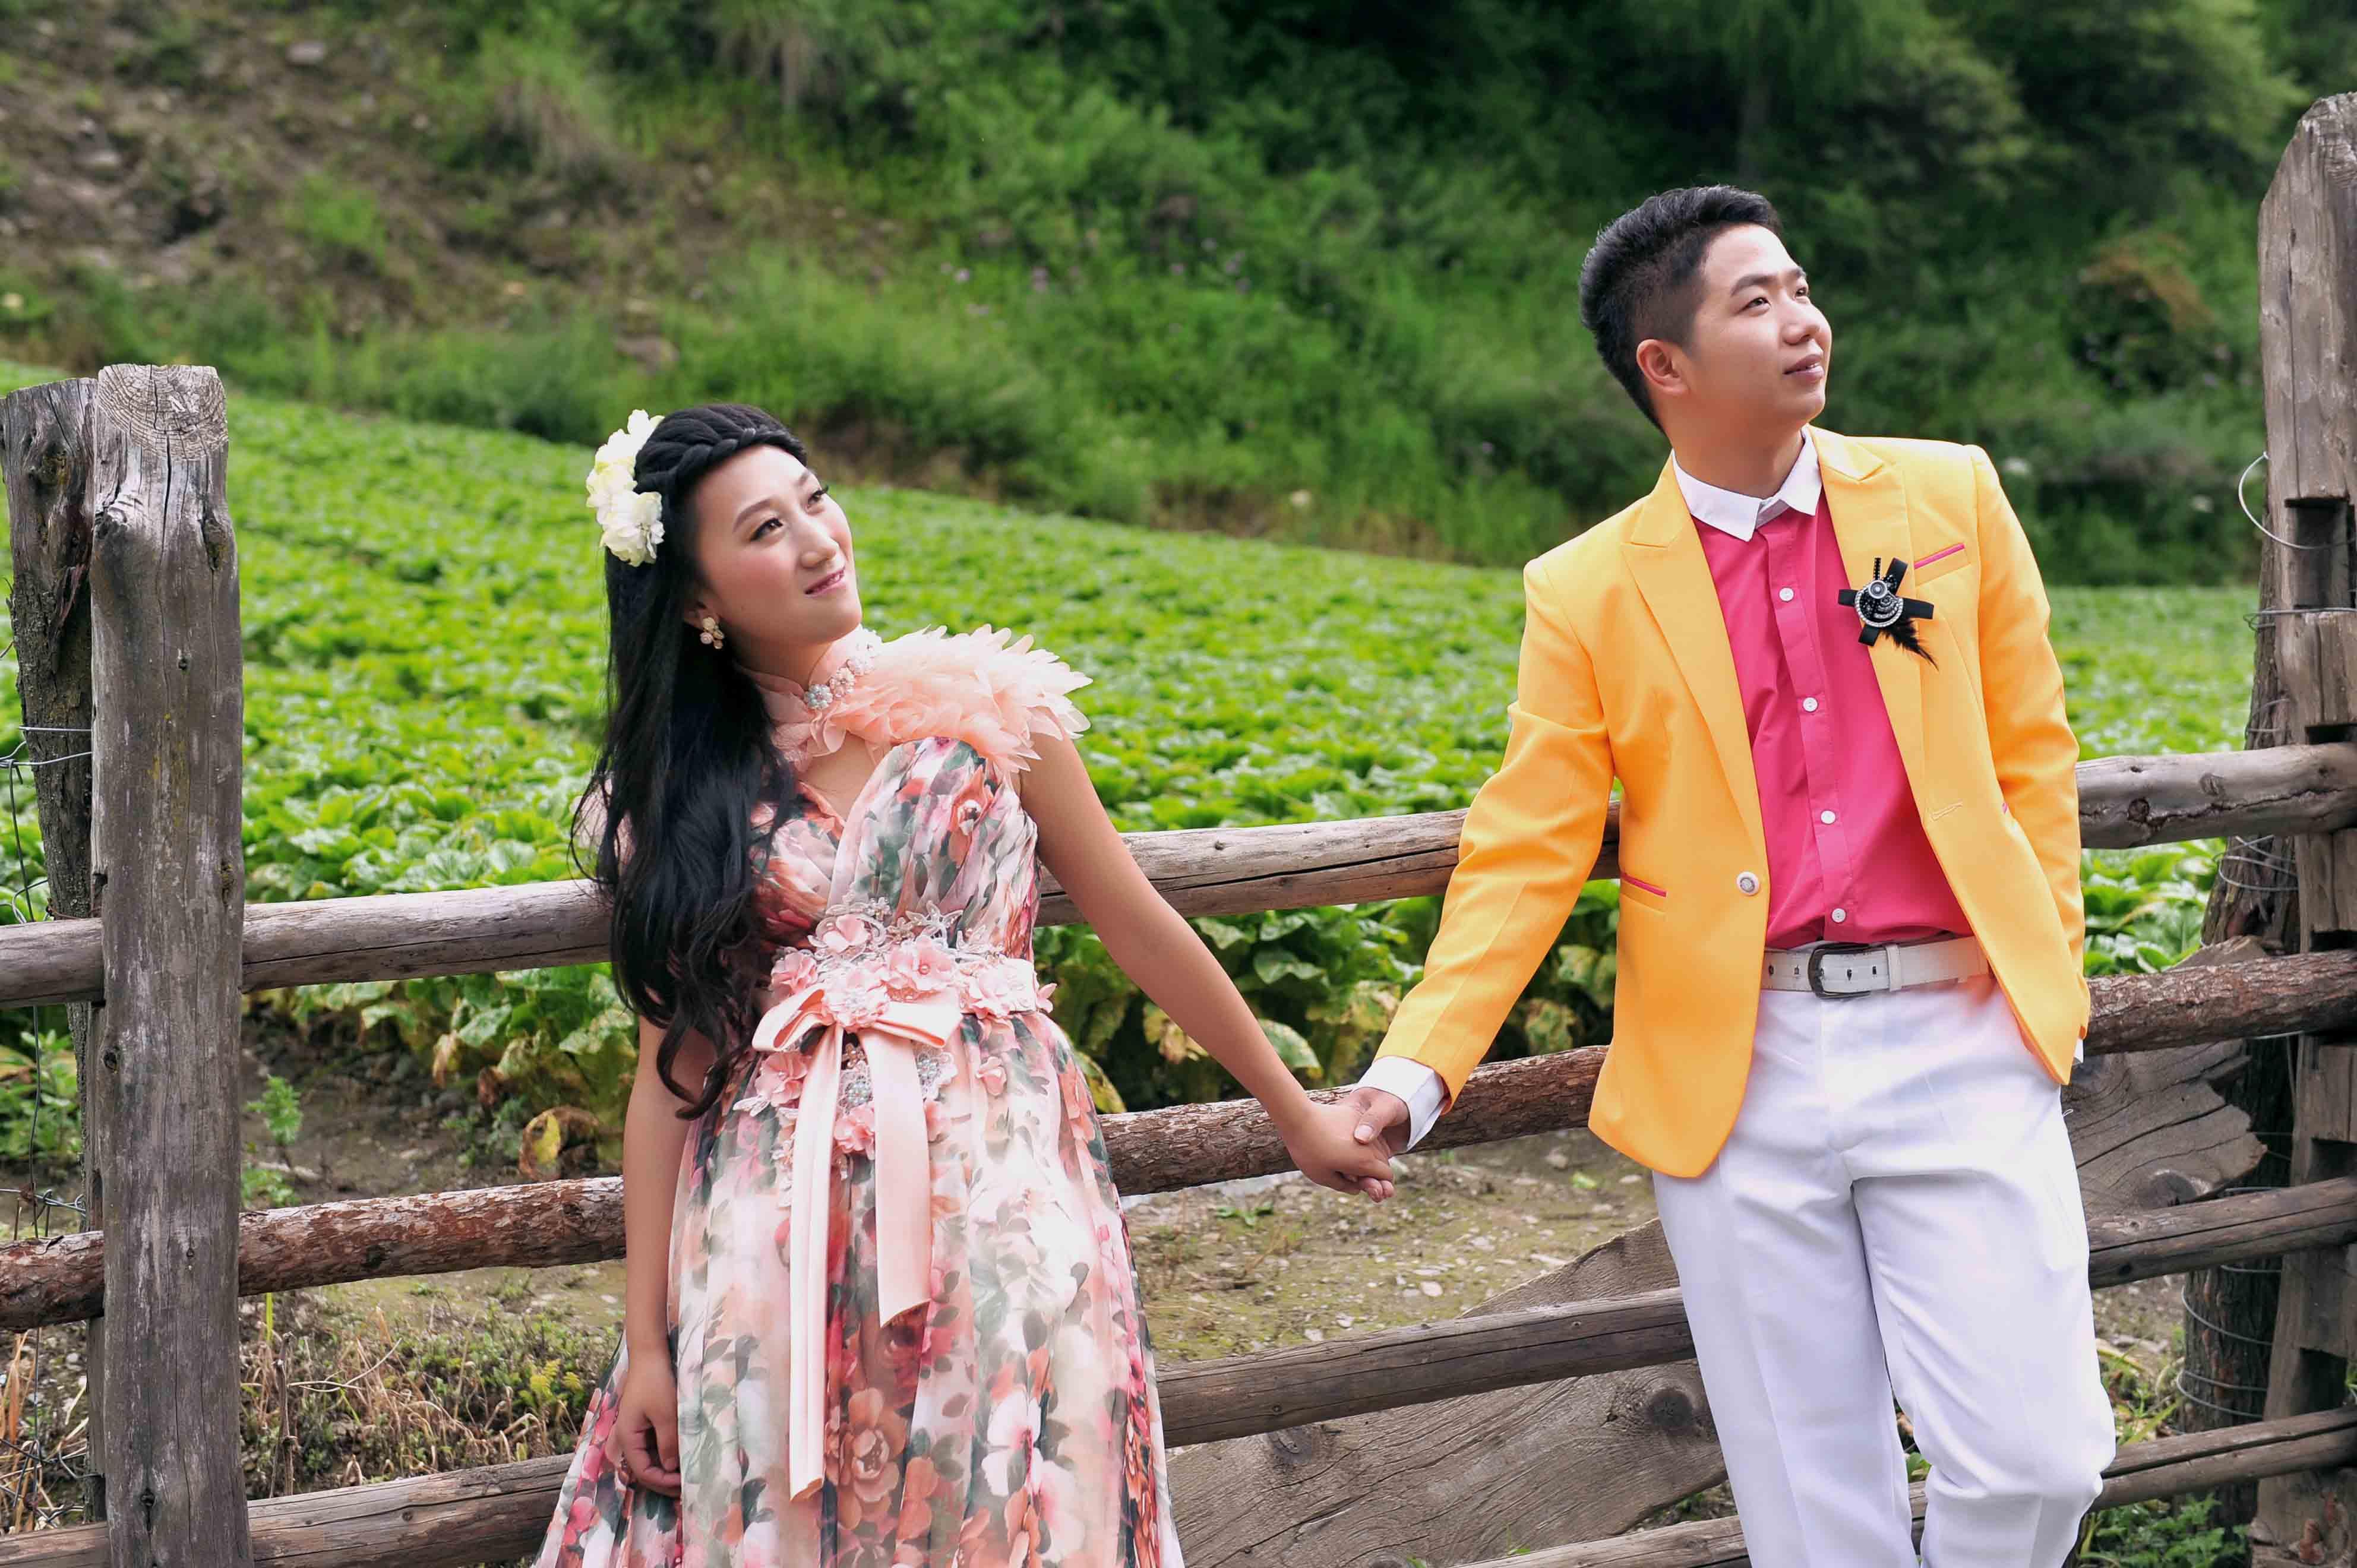 米亚罗外景婚纱照,旅行婚纱摄影